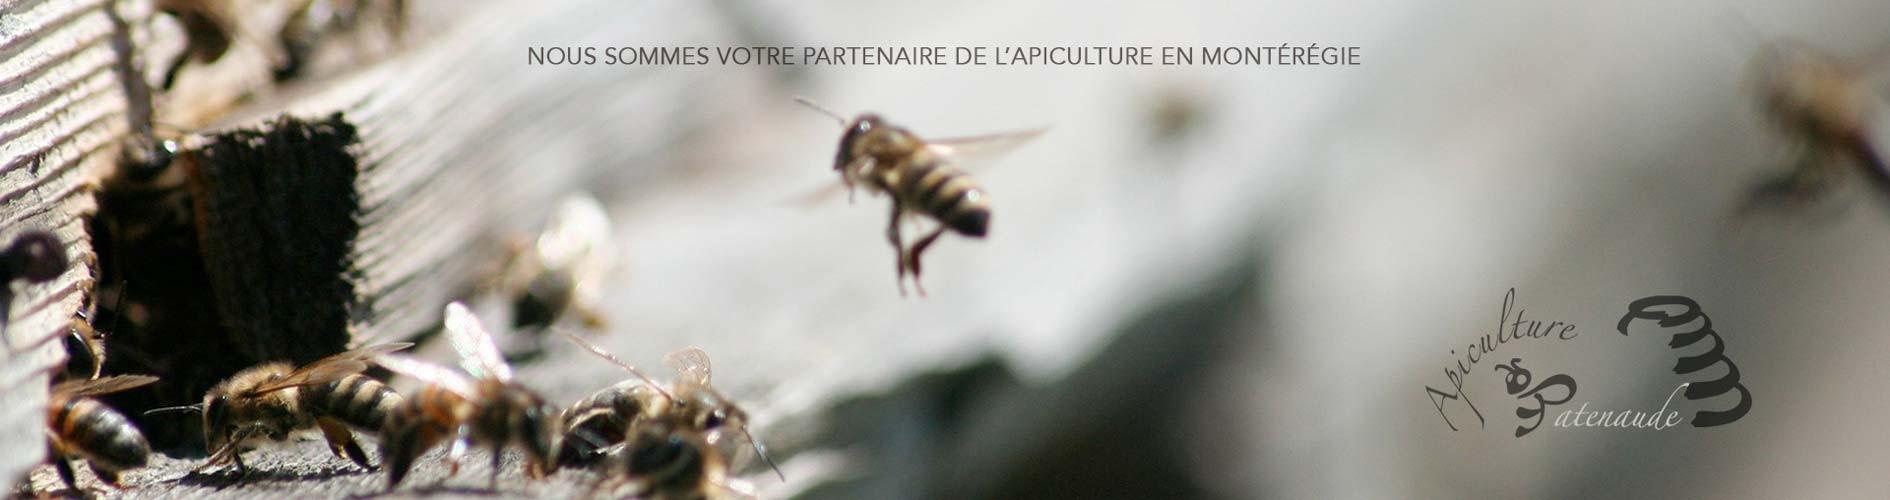 Apiculture Patenaude ! Votre partenaire de l'apiculture en Montérégie